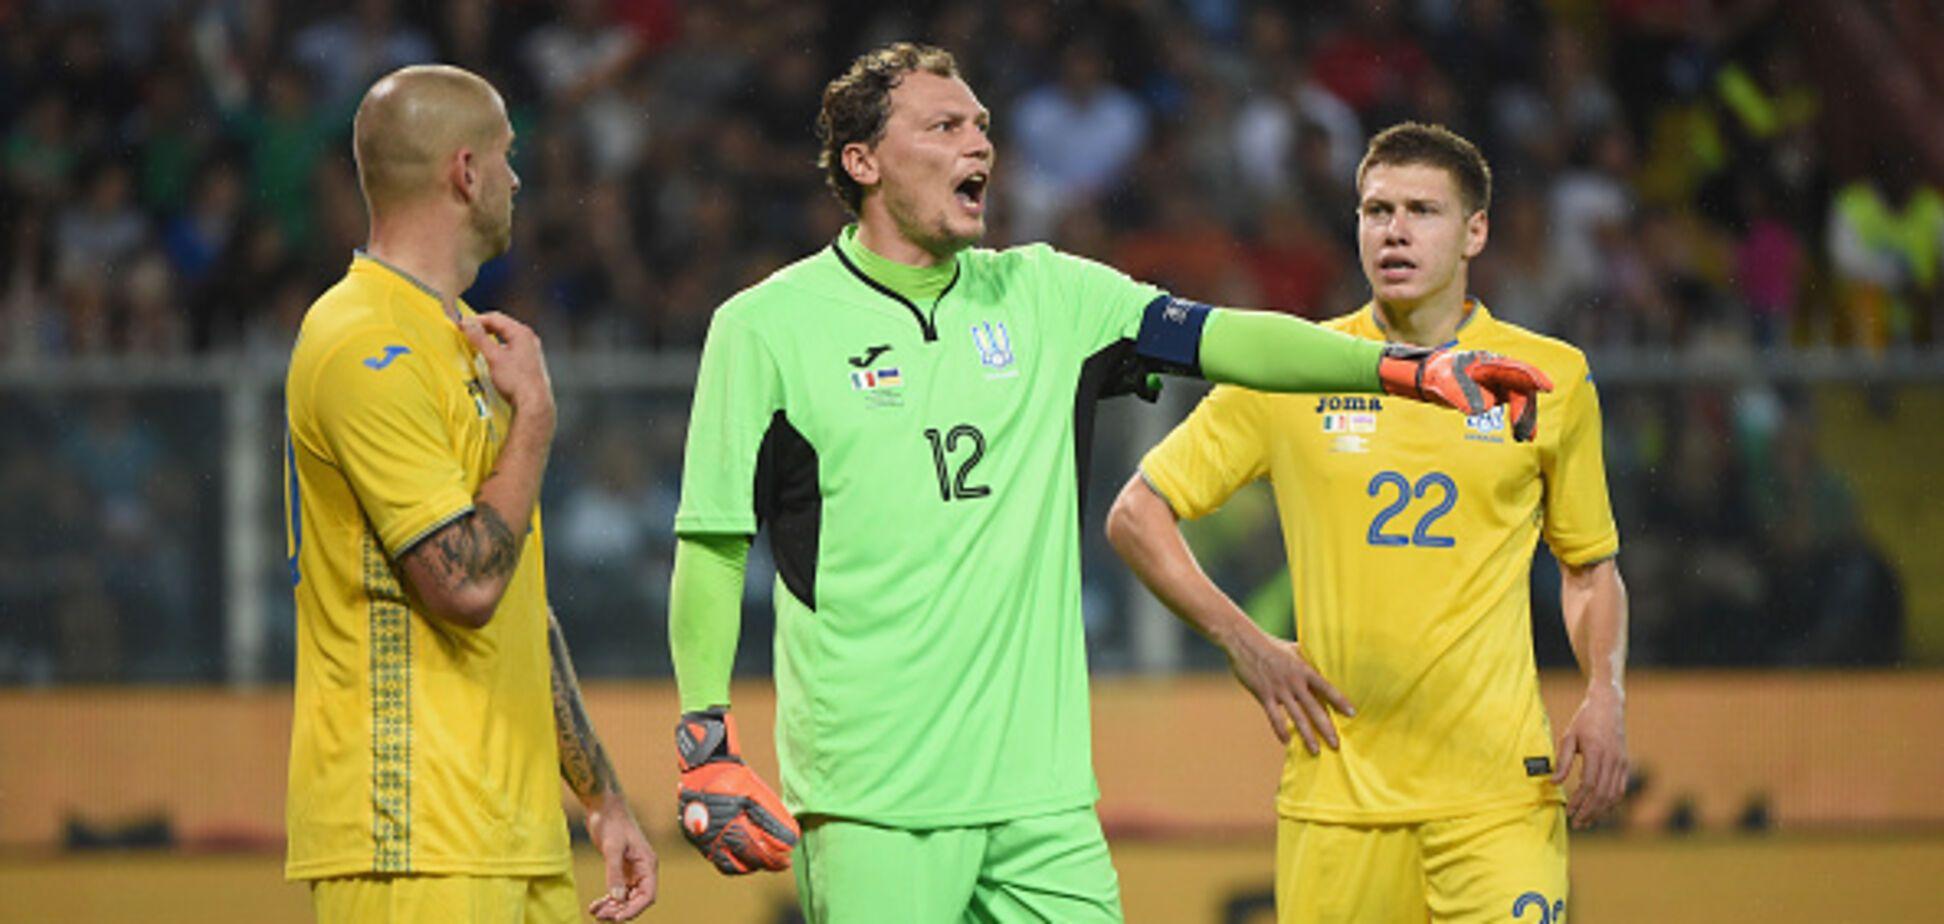 Словаччина — Україна: де зараз дивитися онлайн матч Ліги націй